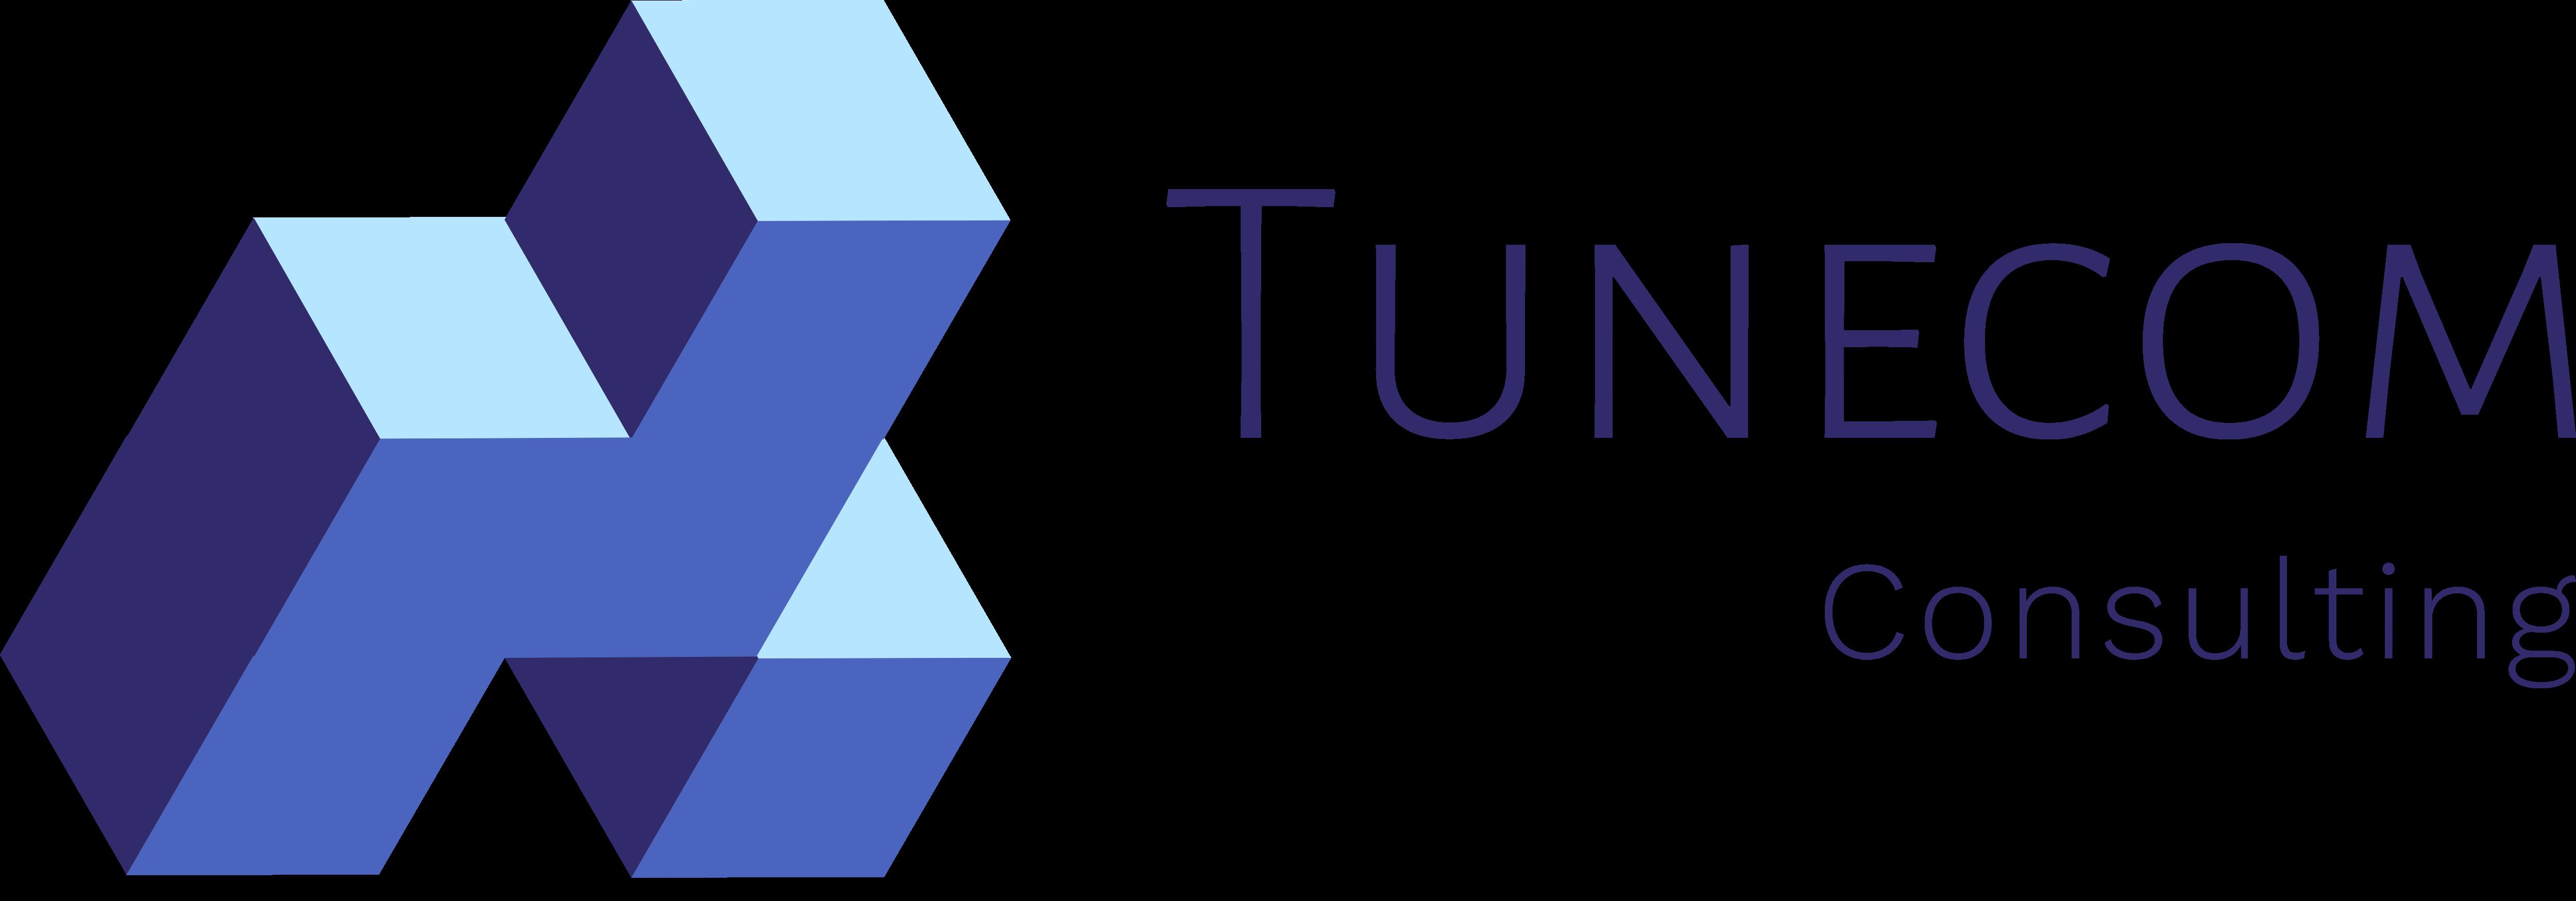 Tunecom